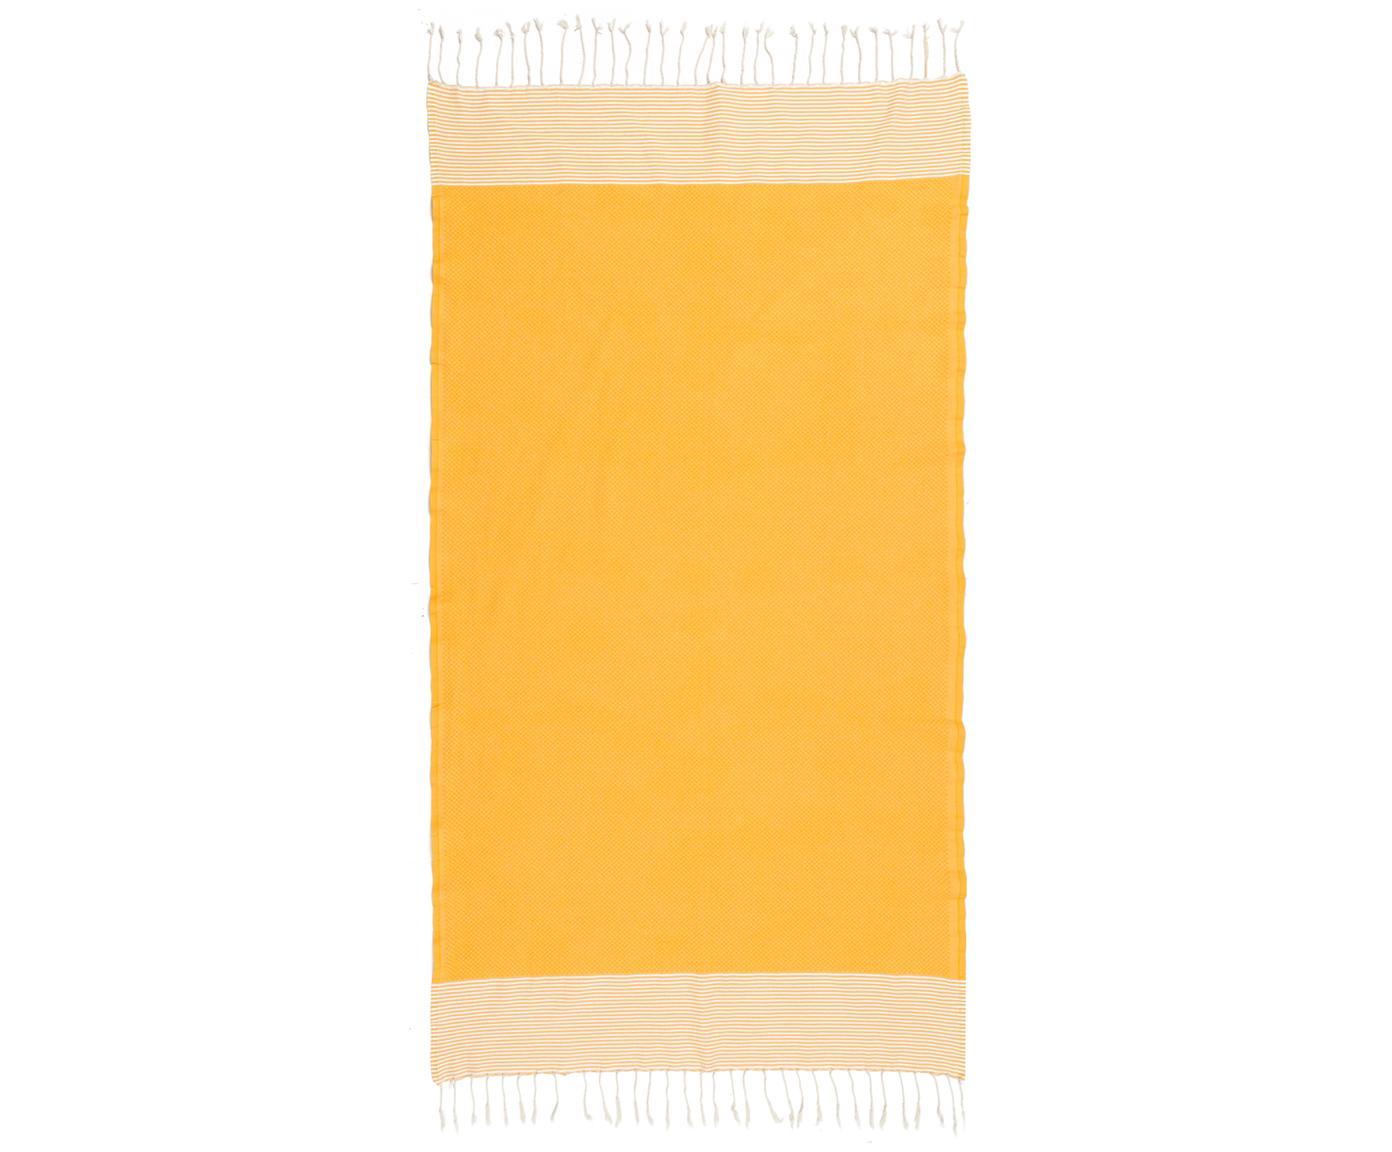 Ręcznik plażowy Ibiza, Bawełna, Bardzo niska gramatura, 200 g/m², Żółty szafranowy, biały, D 100 x S 200 cm